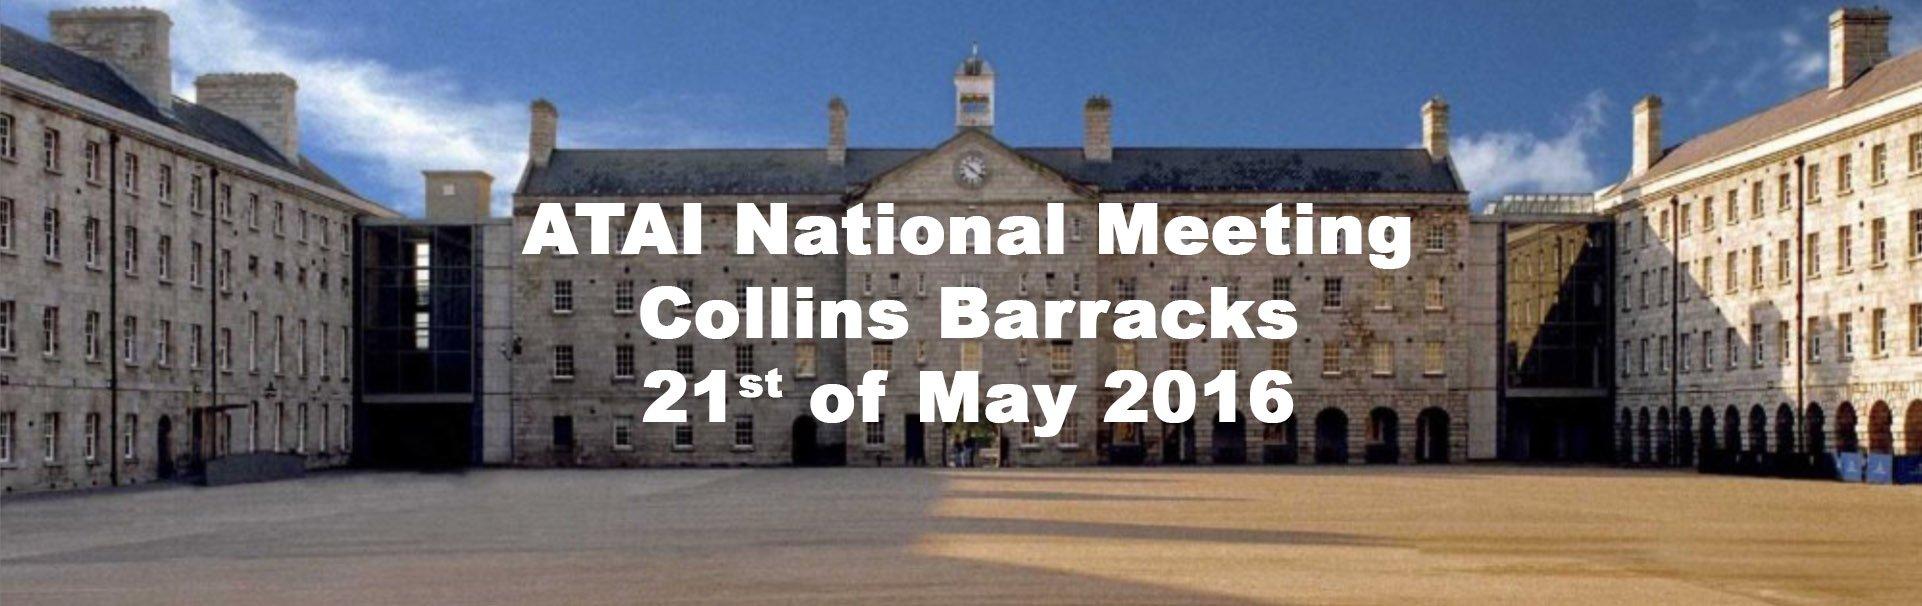 ATAI National Meeting May 2016